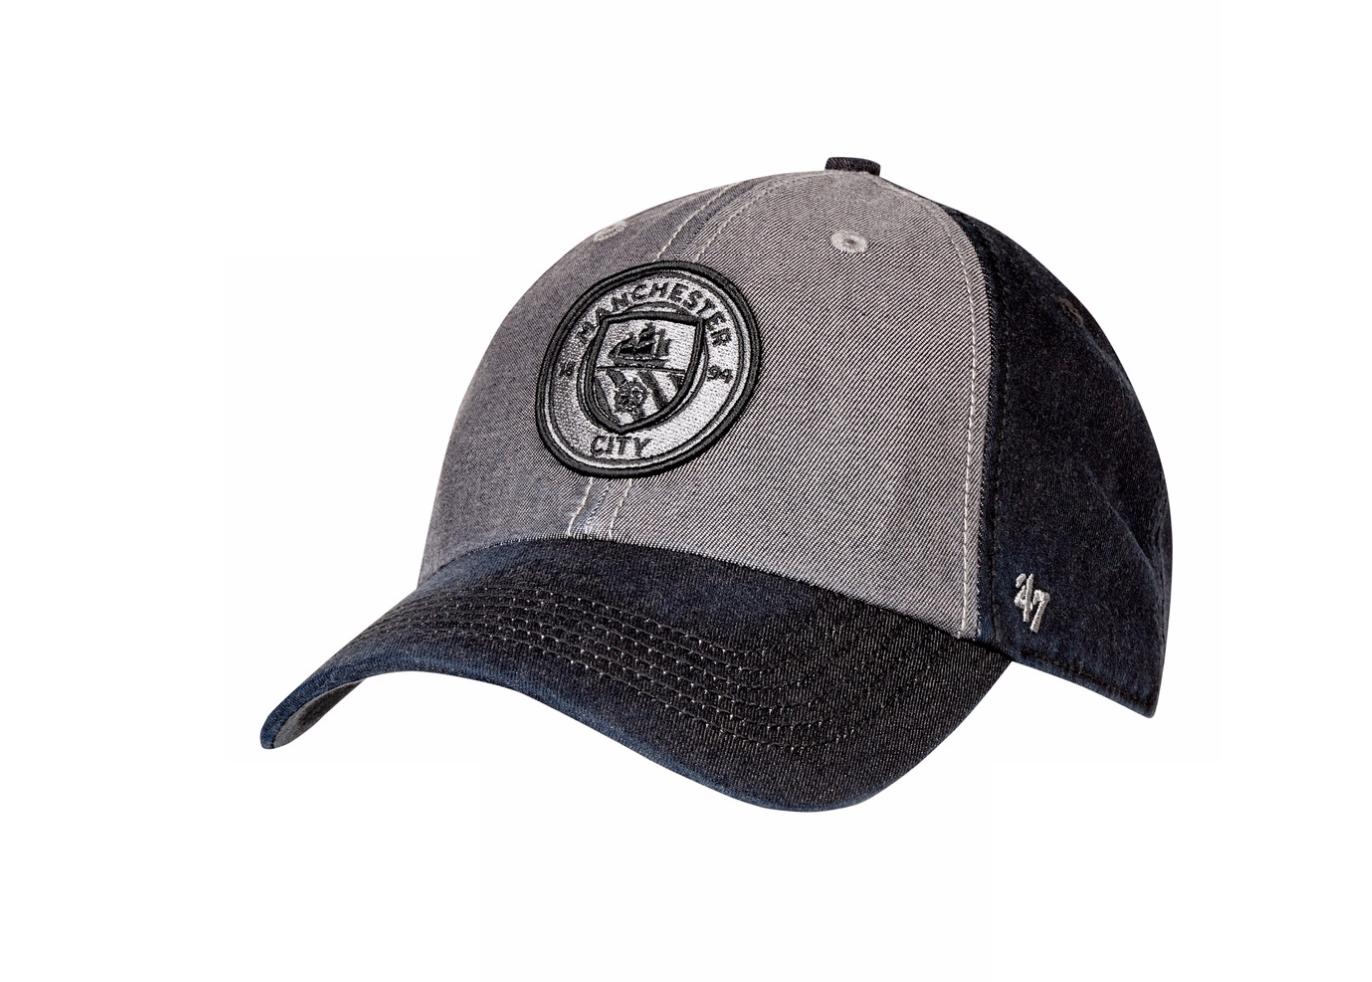 หมวกแมนเชสเตอร์ ซิตี้ Encoder 47 Clean Up Grey ของแท้